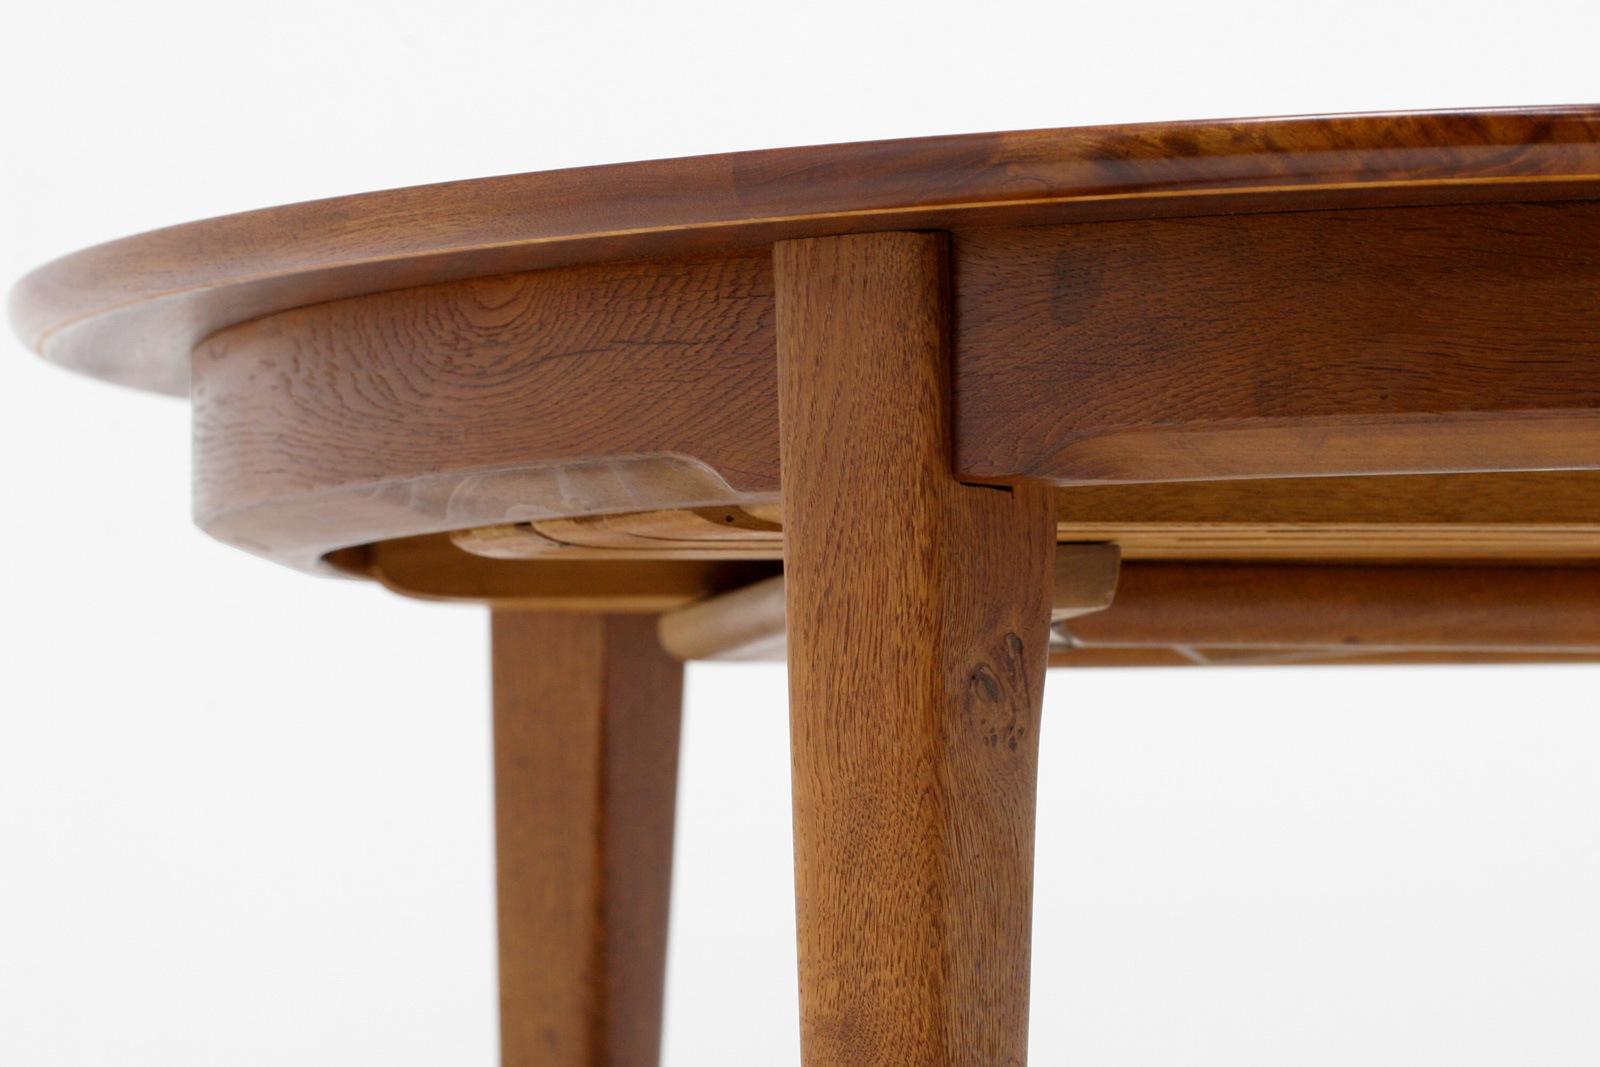 HenningKjarnulf,ヘニングケアヌルフ,ダイニングテーブル,丸形,チーク材